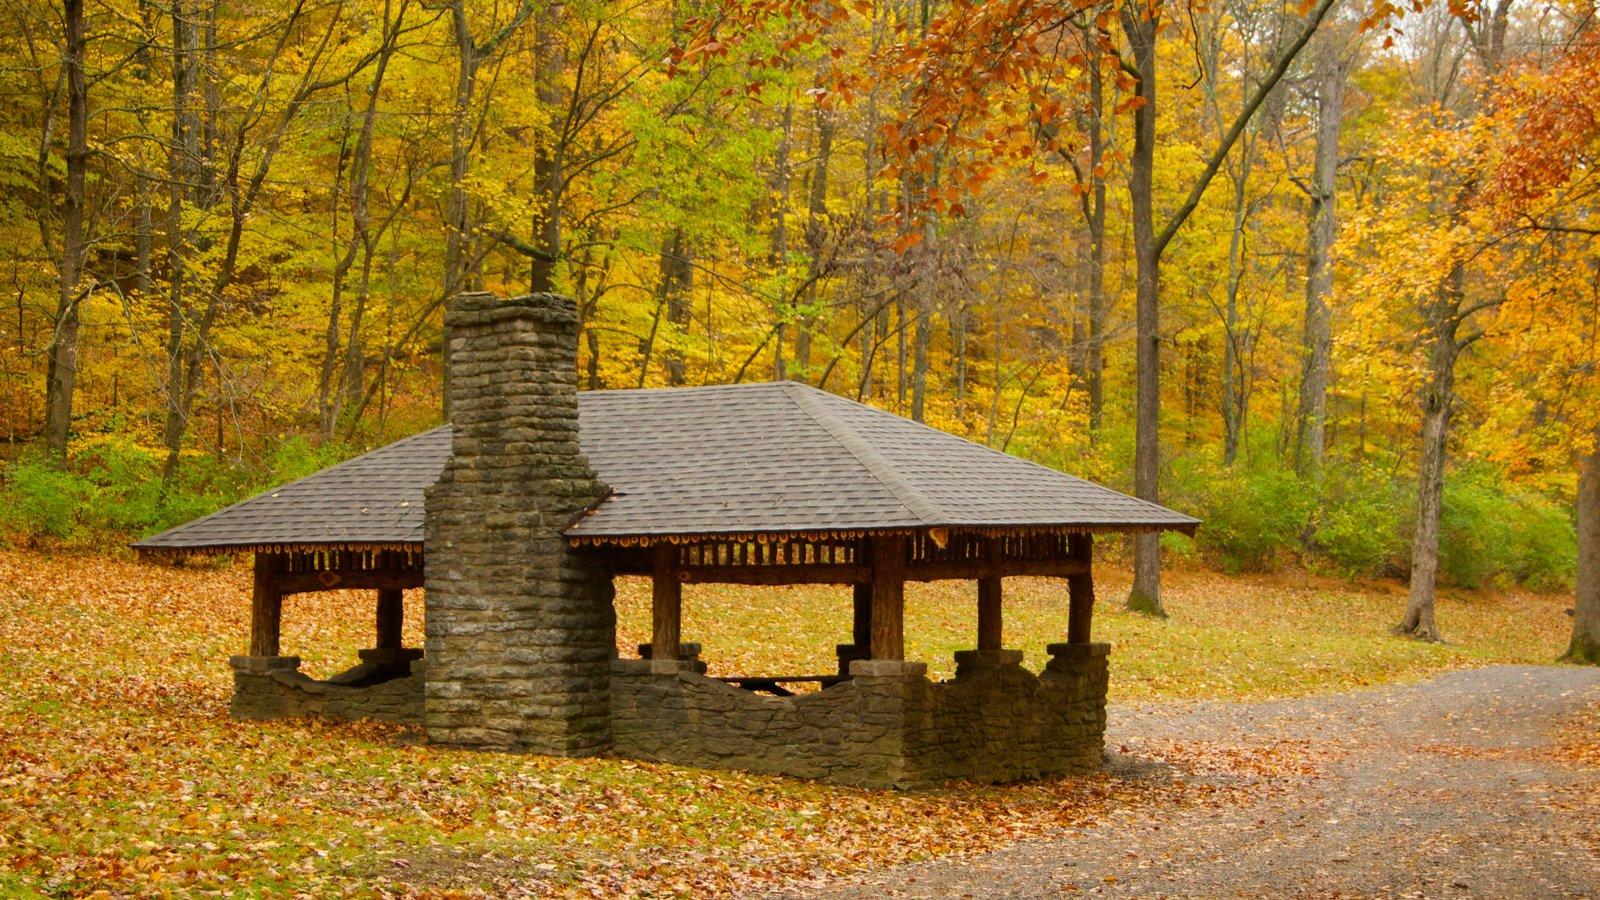 Edwin and Percy Warner Parks ofreciendo los colores del otoño y un parque